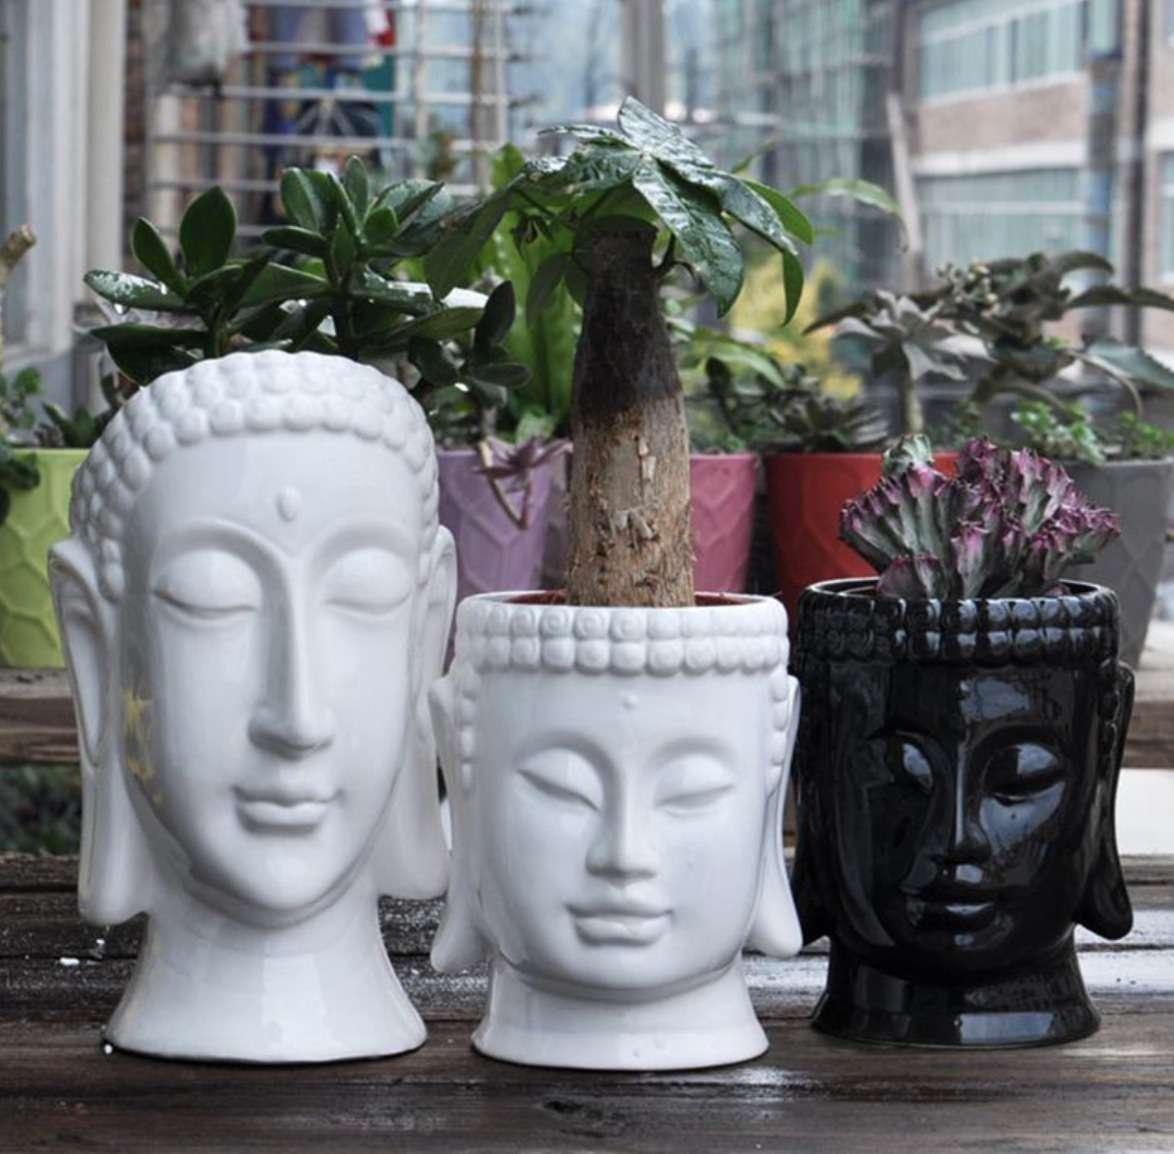 仏像デザイン 正規品送料無料 コンクリート 植木鉢 本日限定 金型机 装飾 プランター 多肉植物 ポットホルダー 13×20 金型